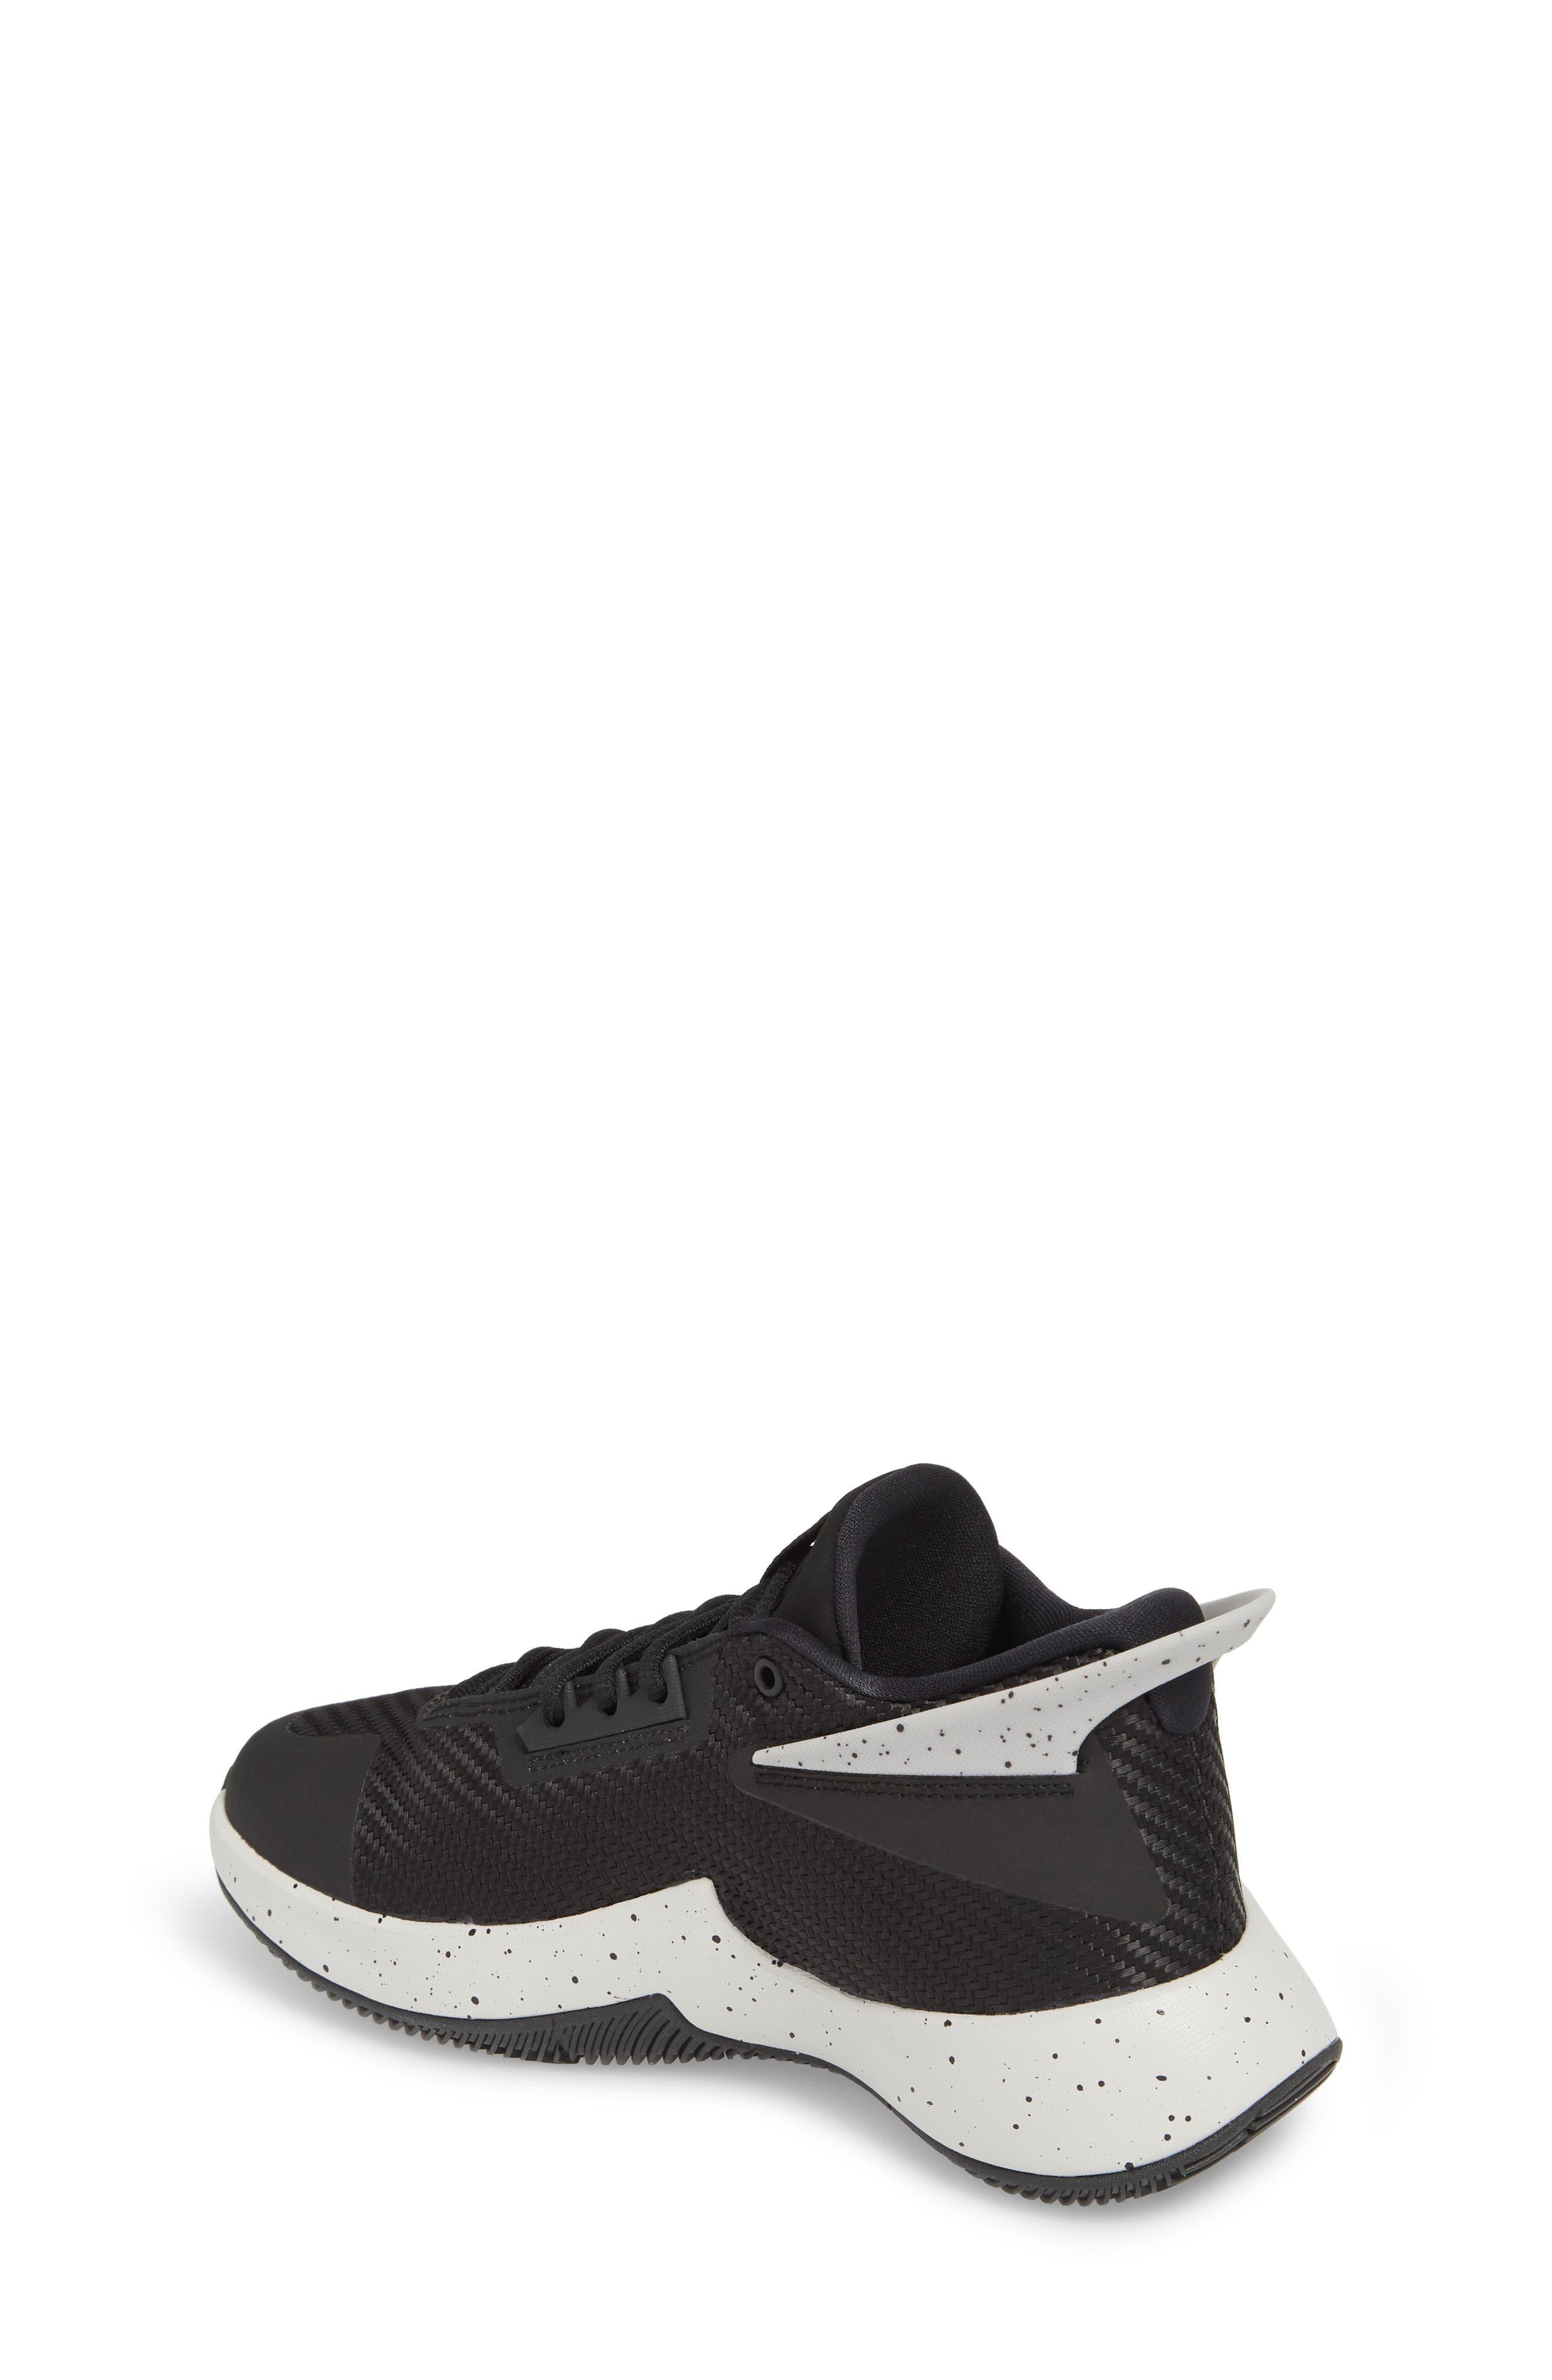 Fly Lockdown Sneaker,                             Alternate thumbnail 3, color,